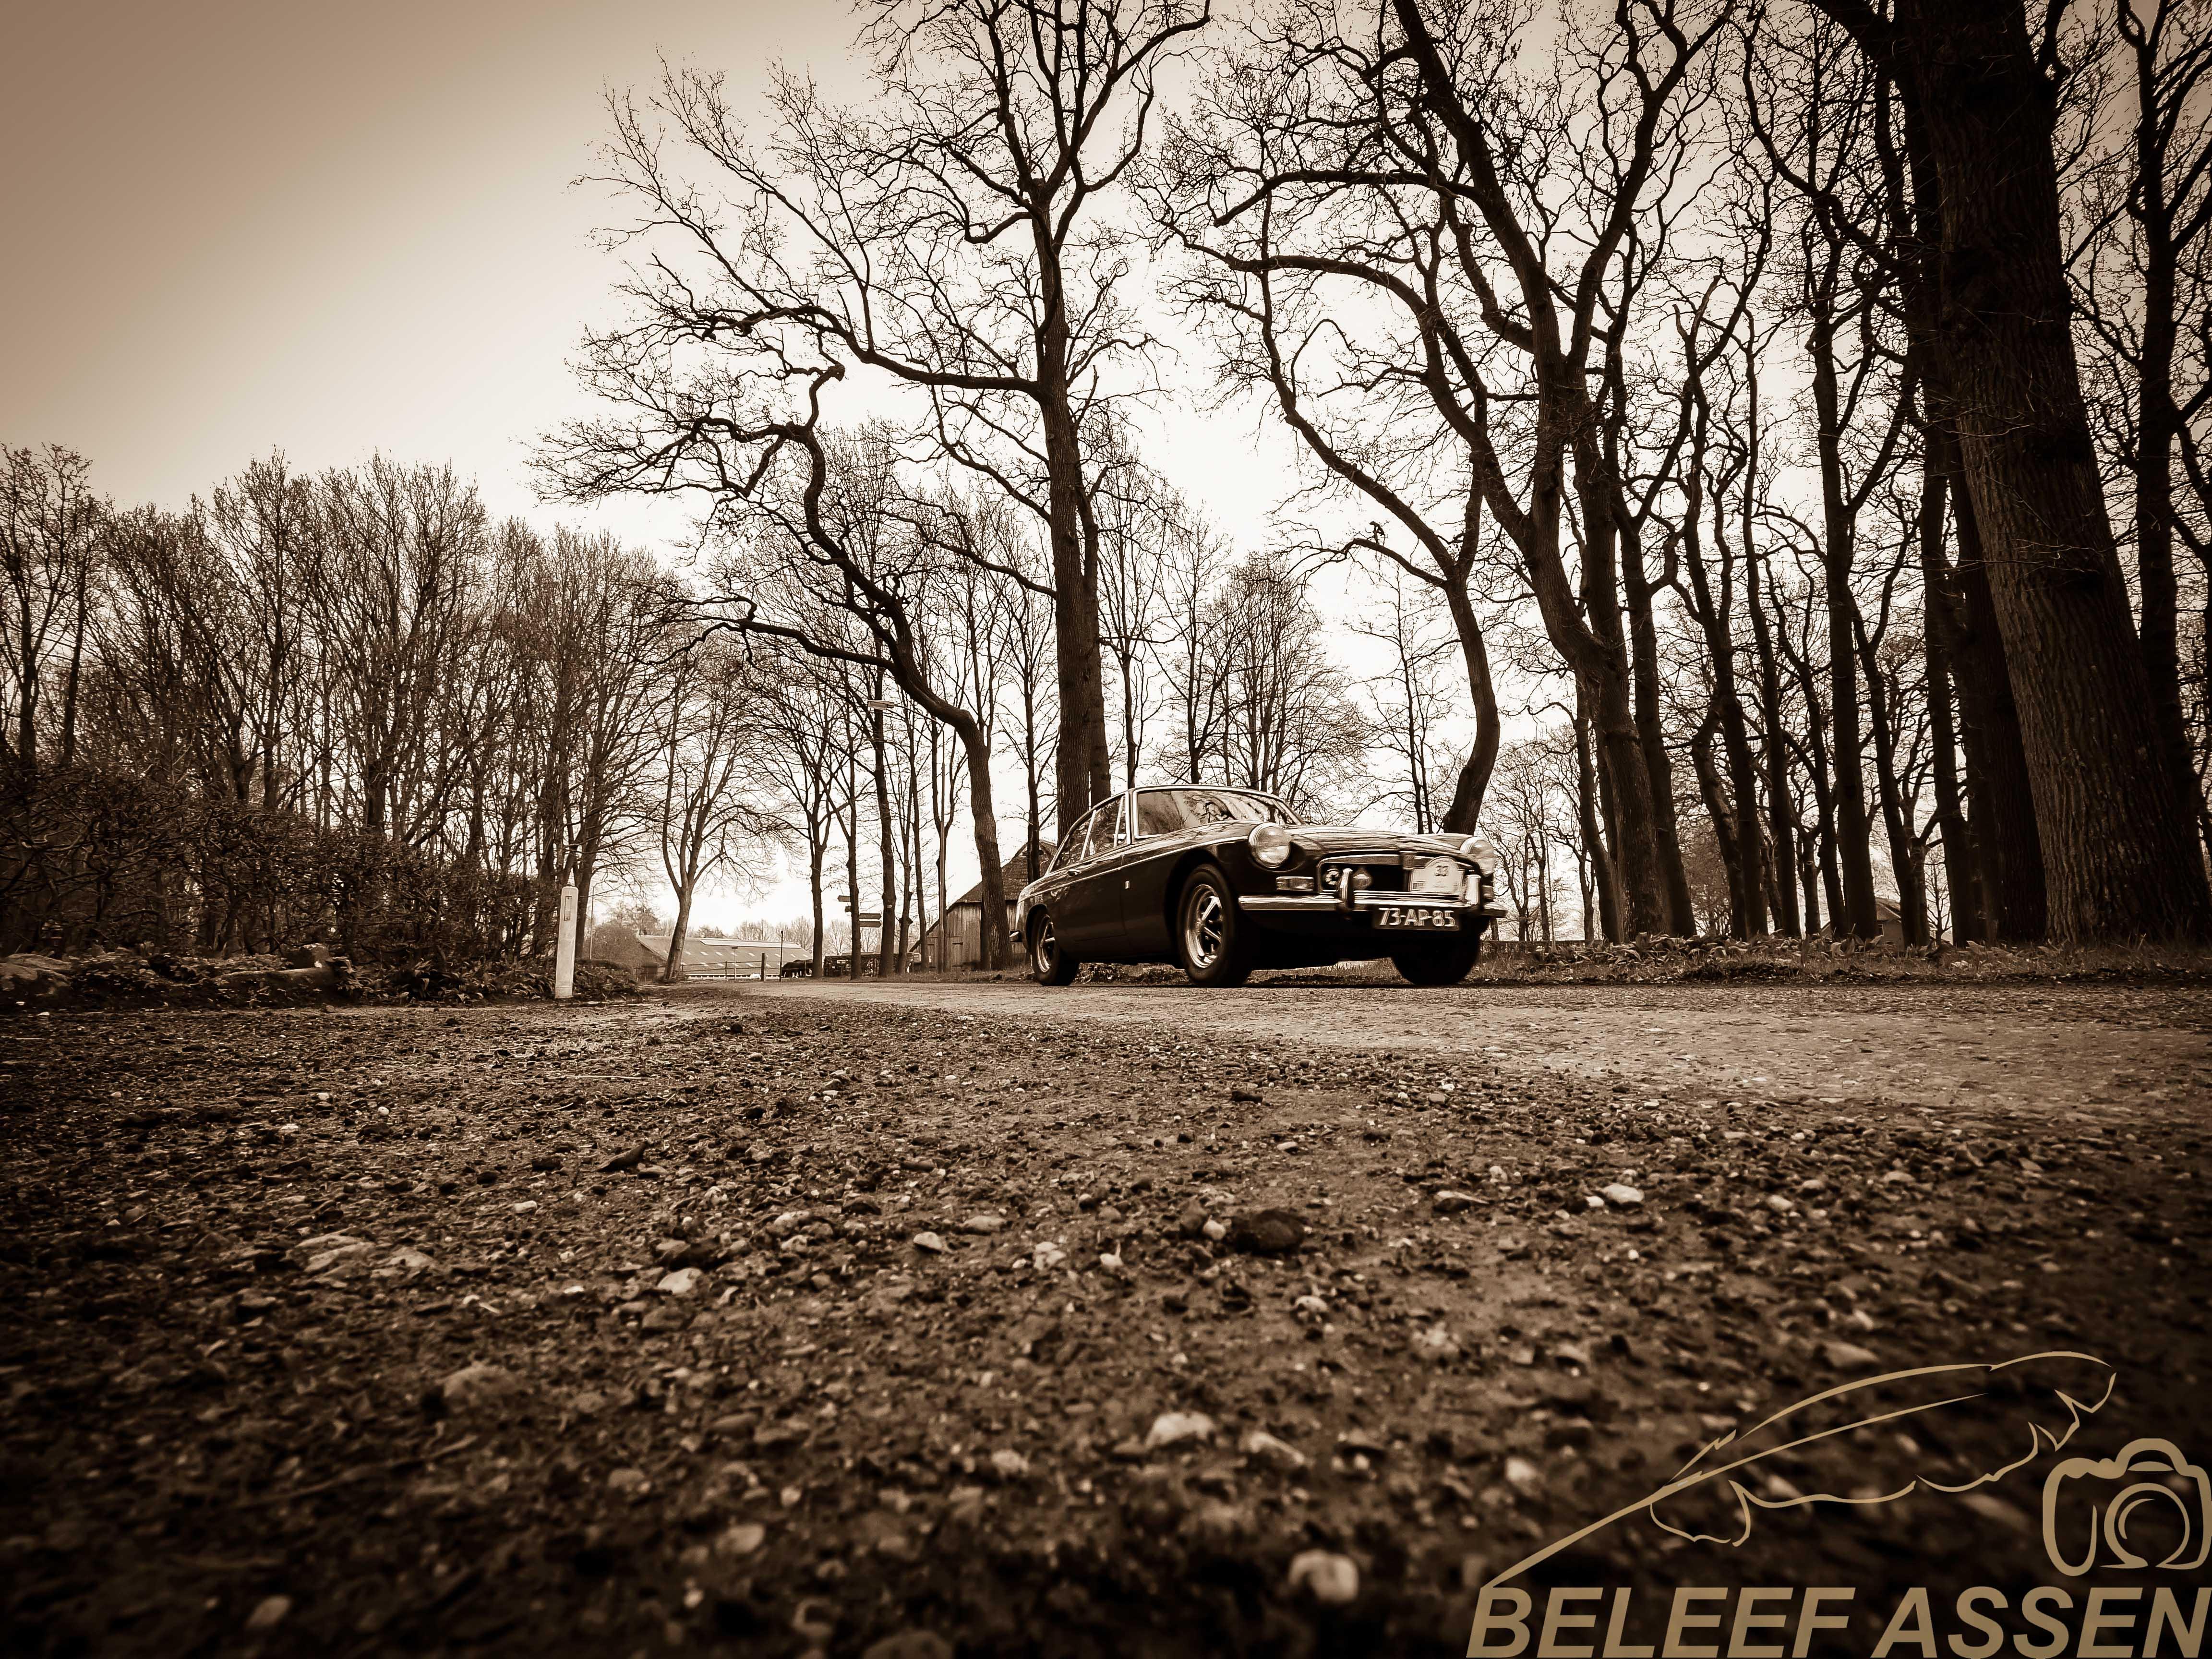 Beleef Assen 2018-1550035